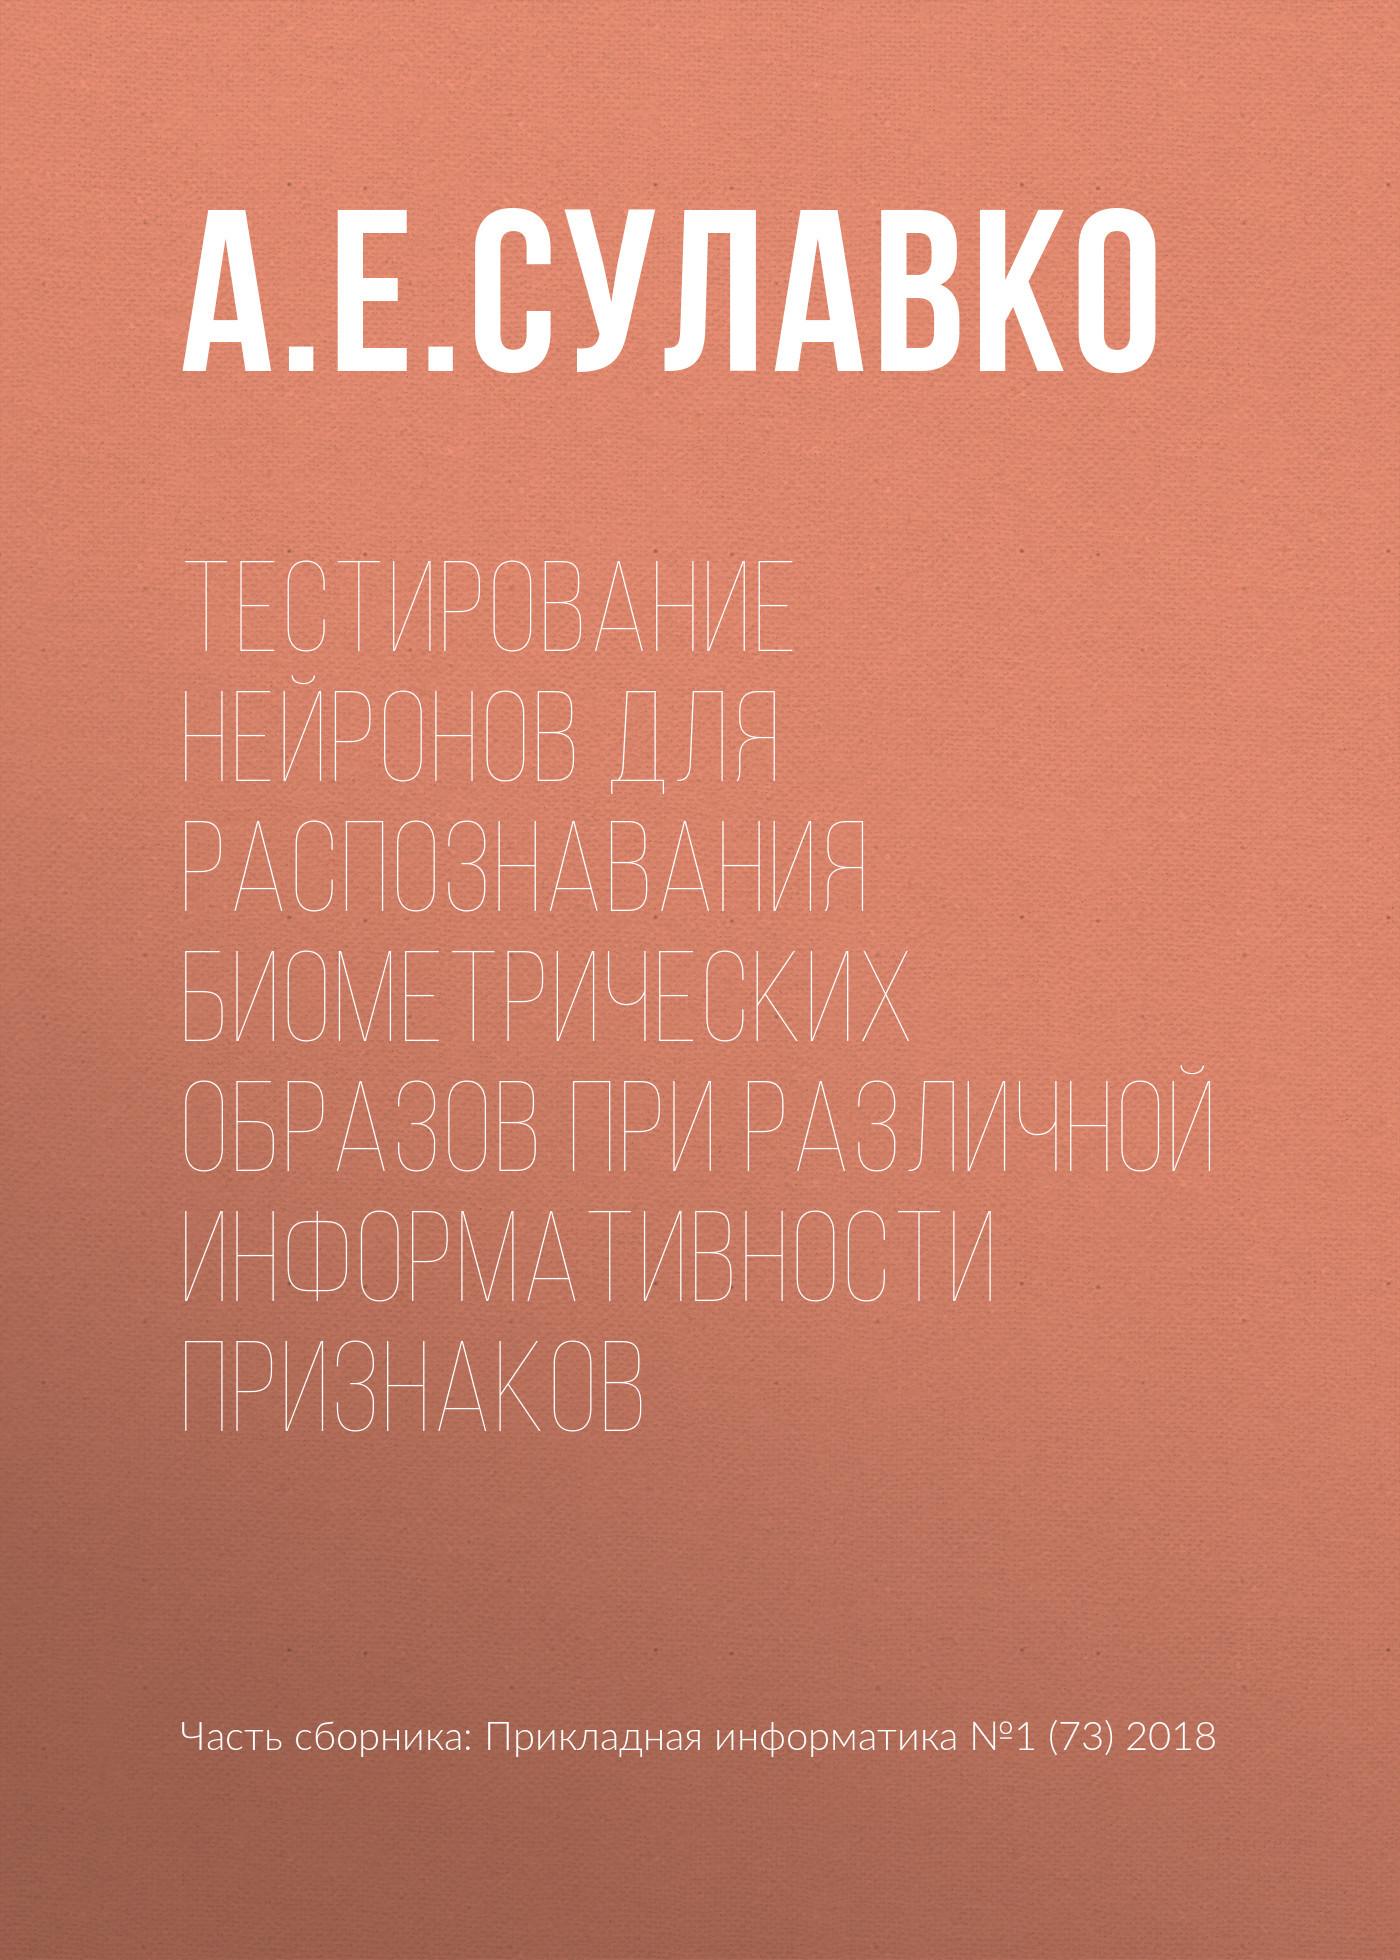 А. Е. Сулавко бесплатно